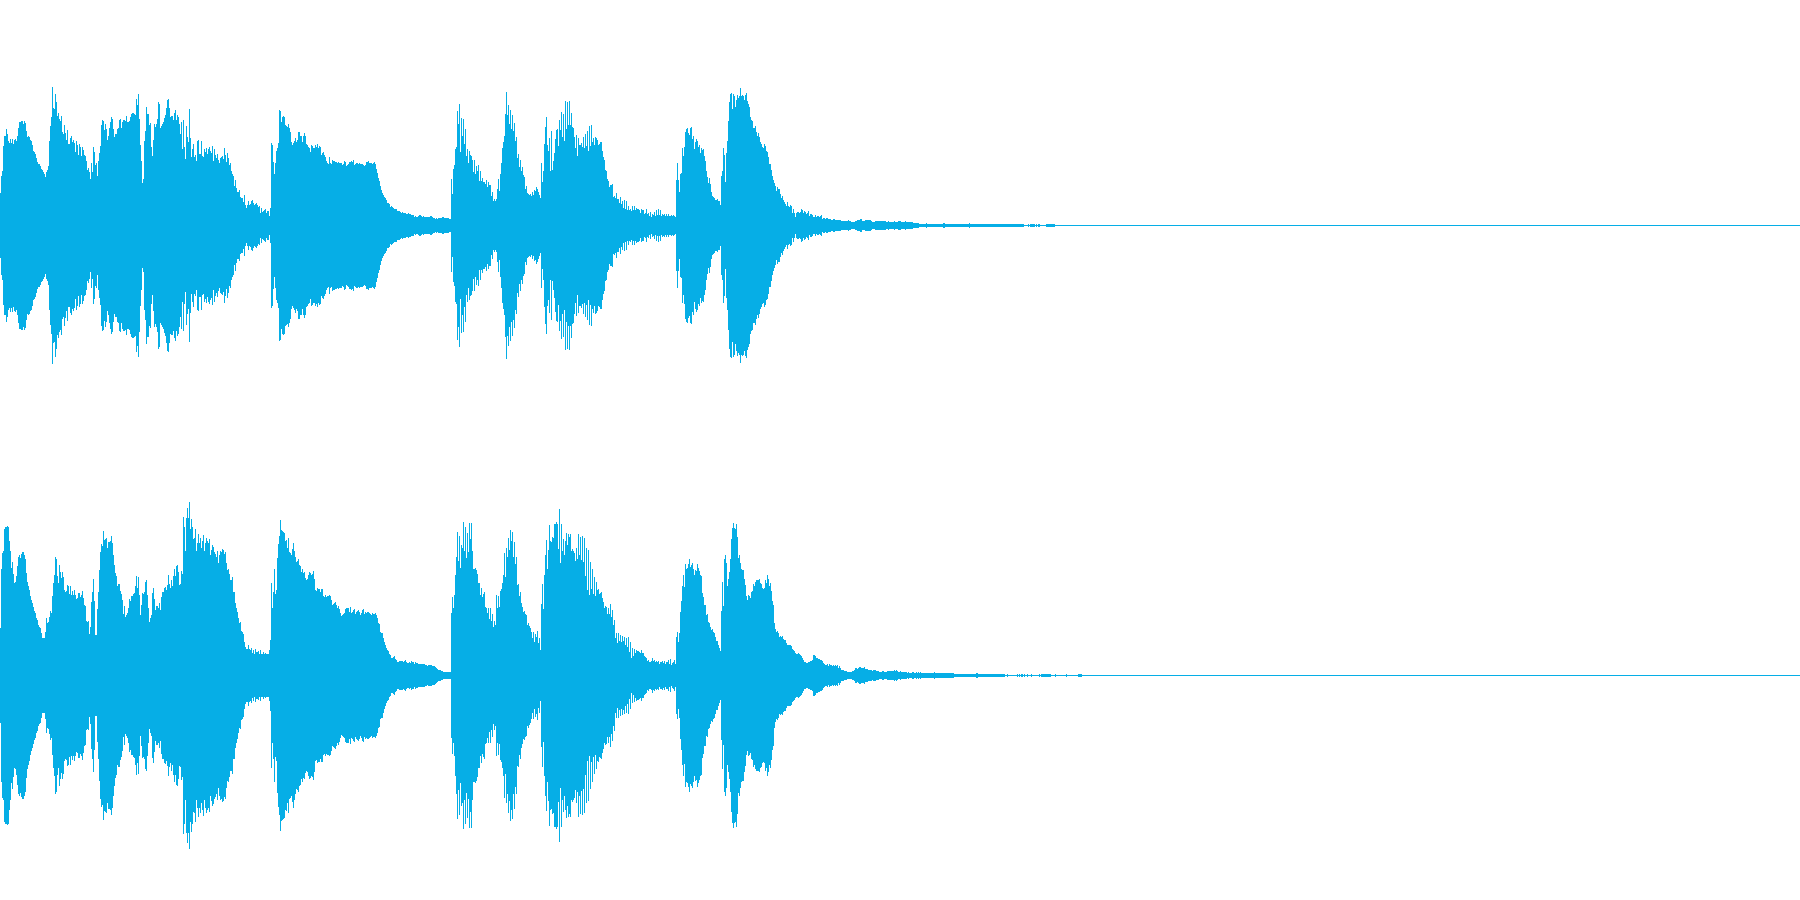 不思議なものに出会ったときの音楽 3秒の再生済みの波形